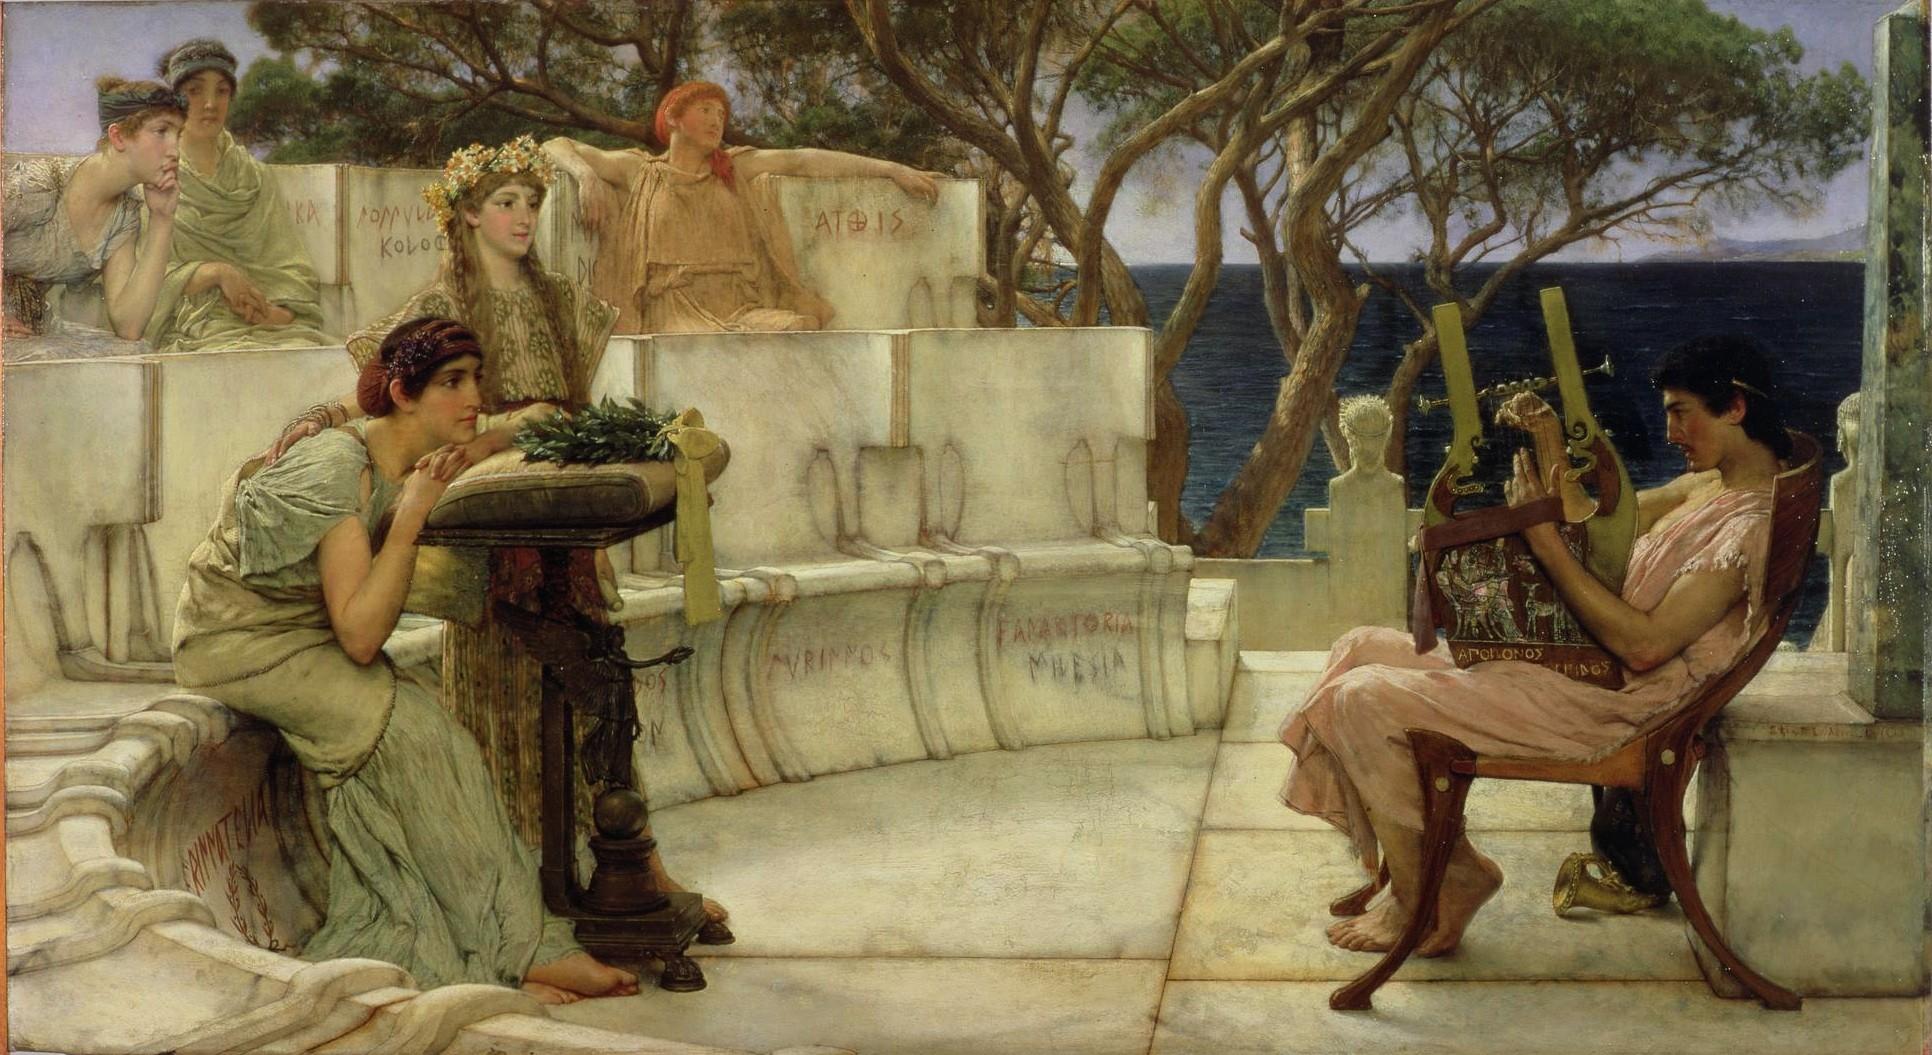 лесбиянкам в Древней Греции и Риме